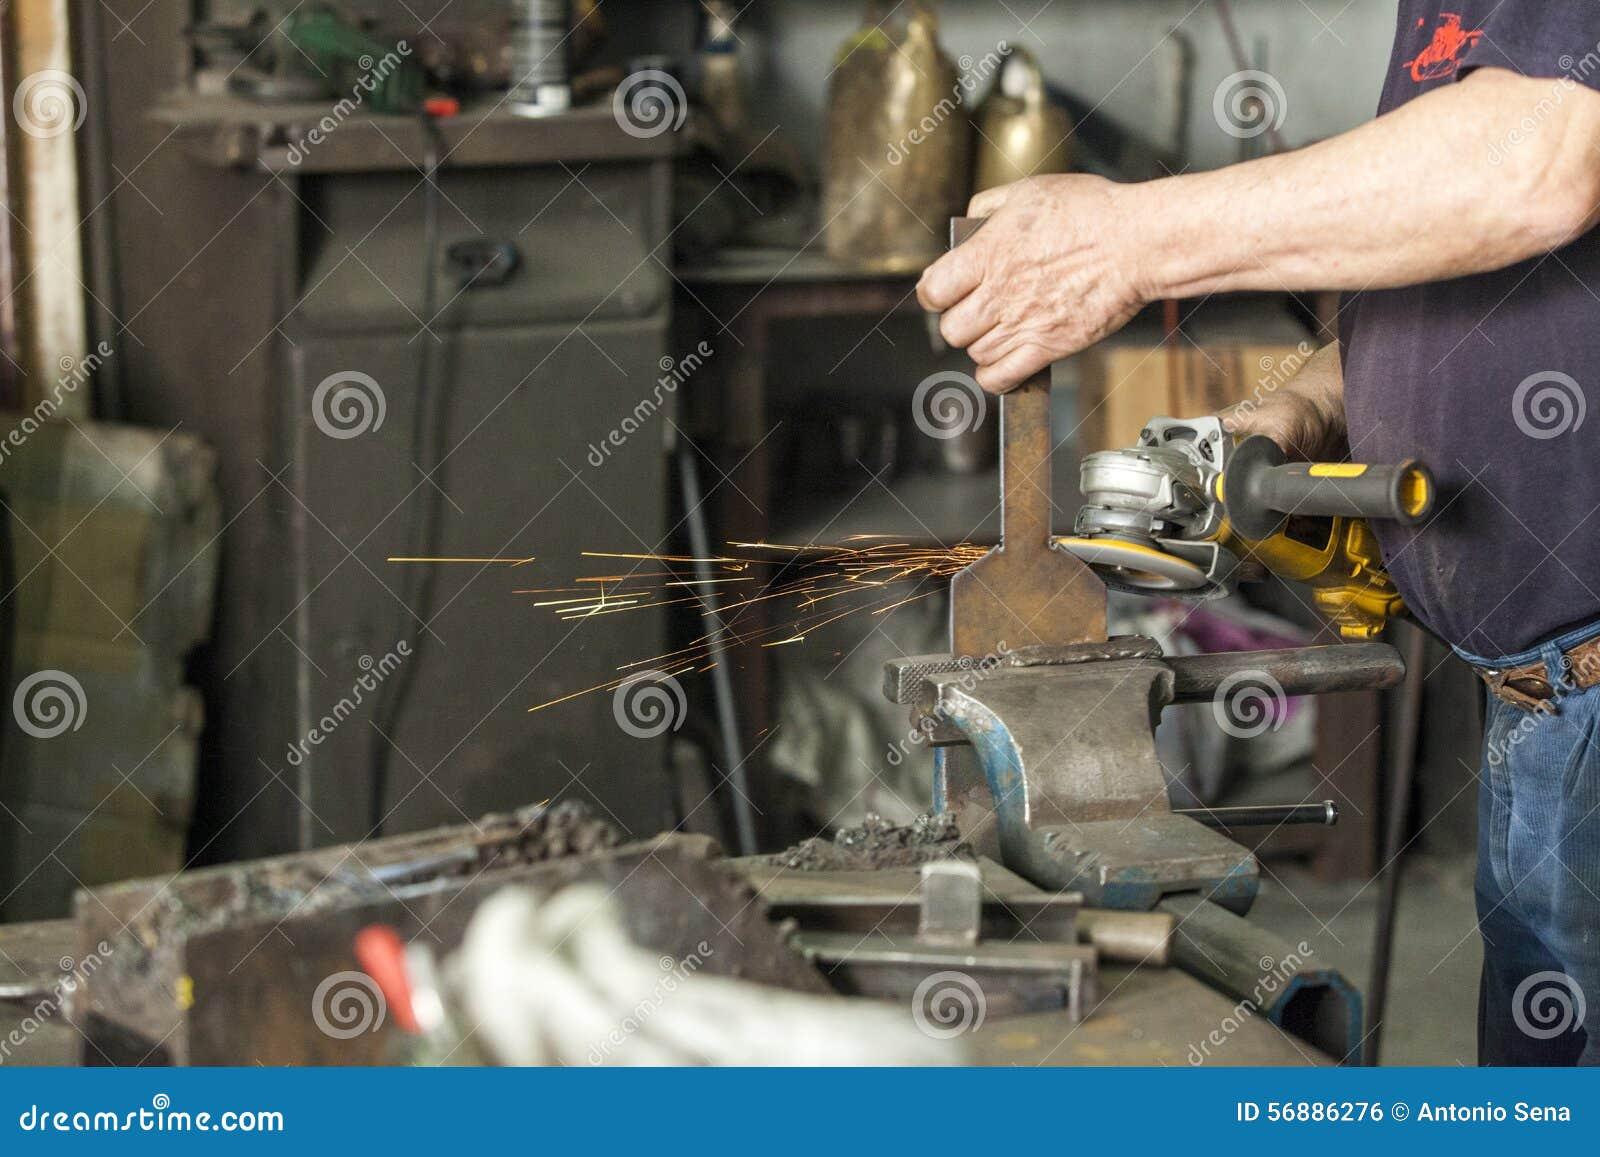 Un artigiano che lavora con un martello e un incudine